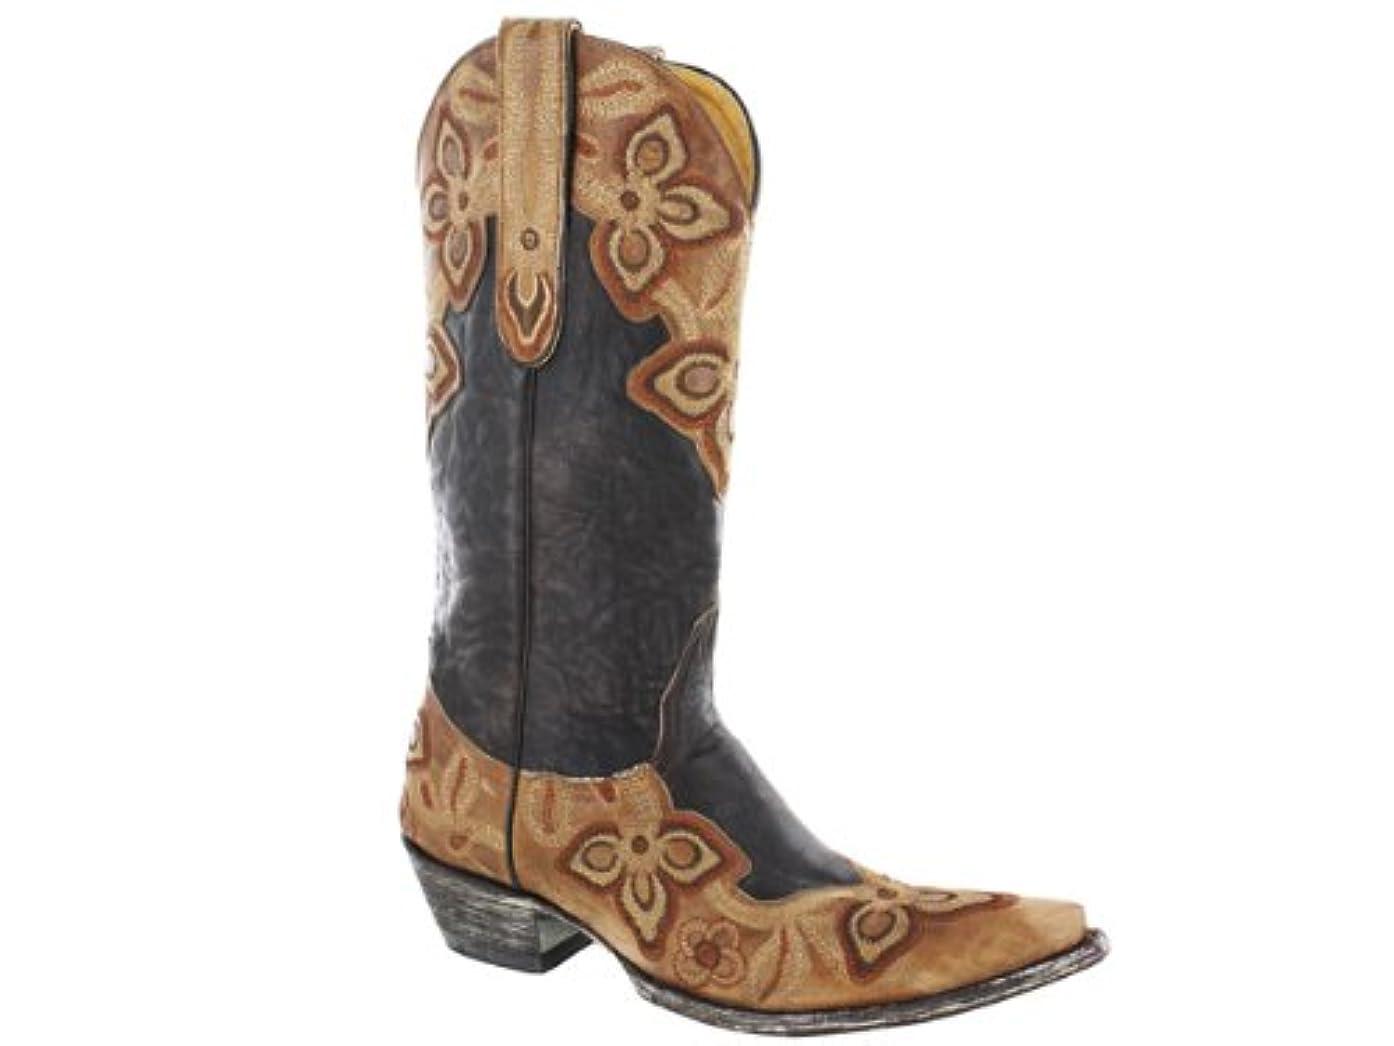 抽出解体する結婚した[Old Gringo] 新しい Marrioneオニキス/チョコレート7.5?Womens Western Boots